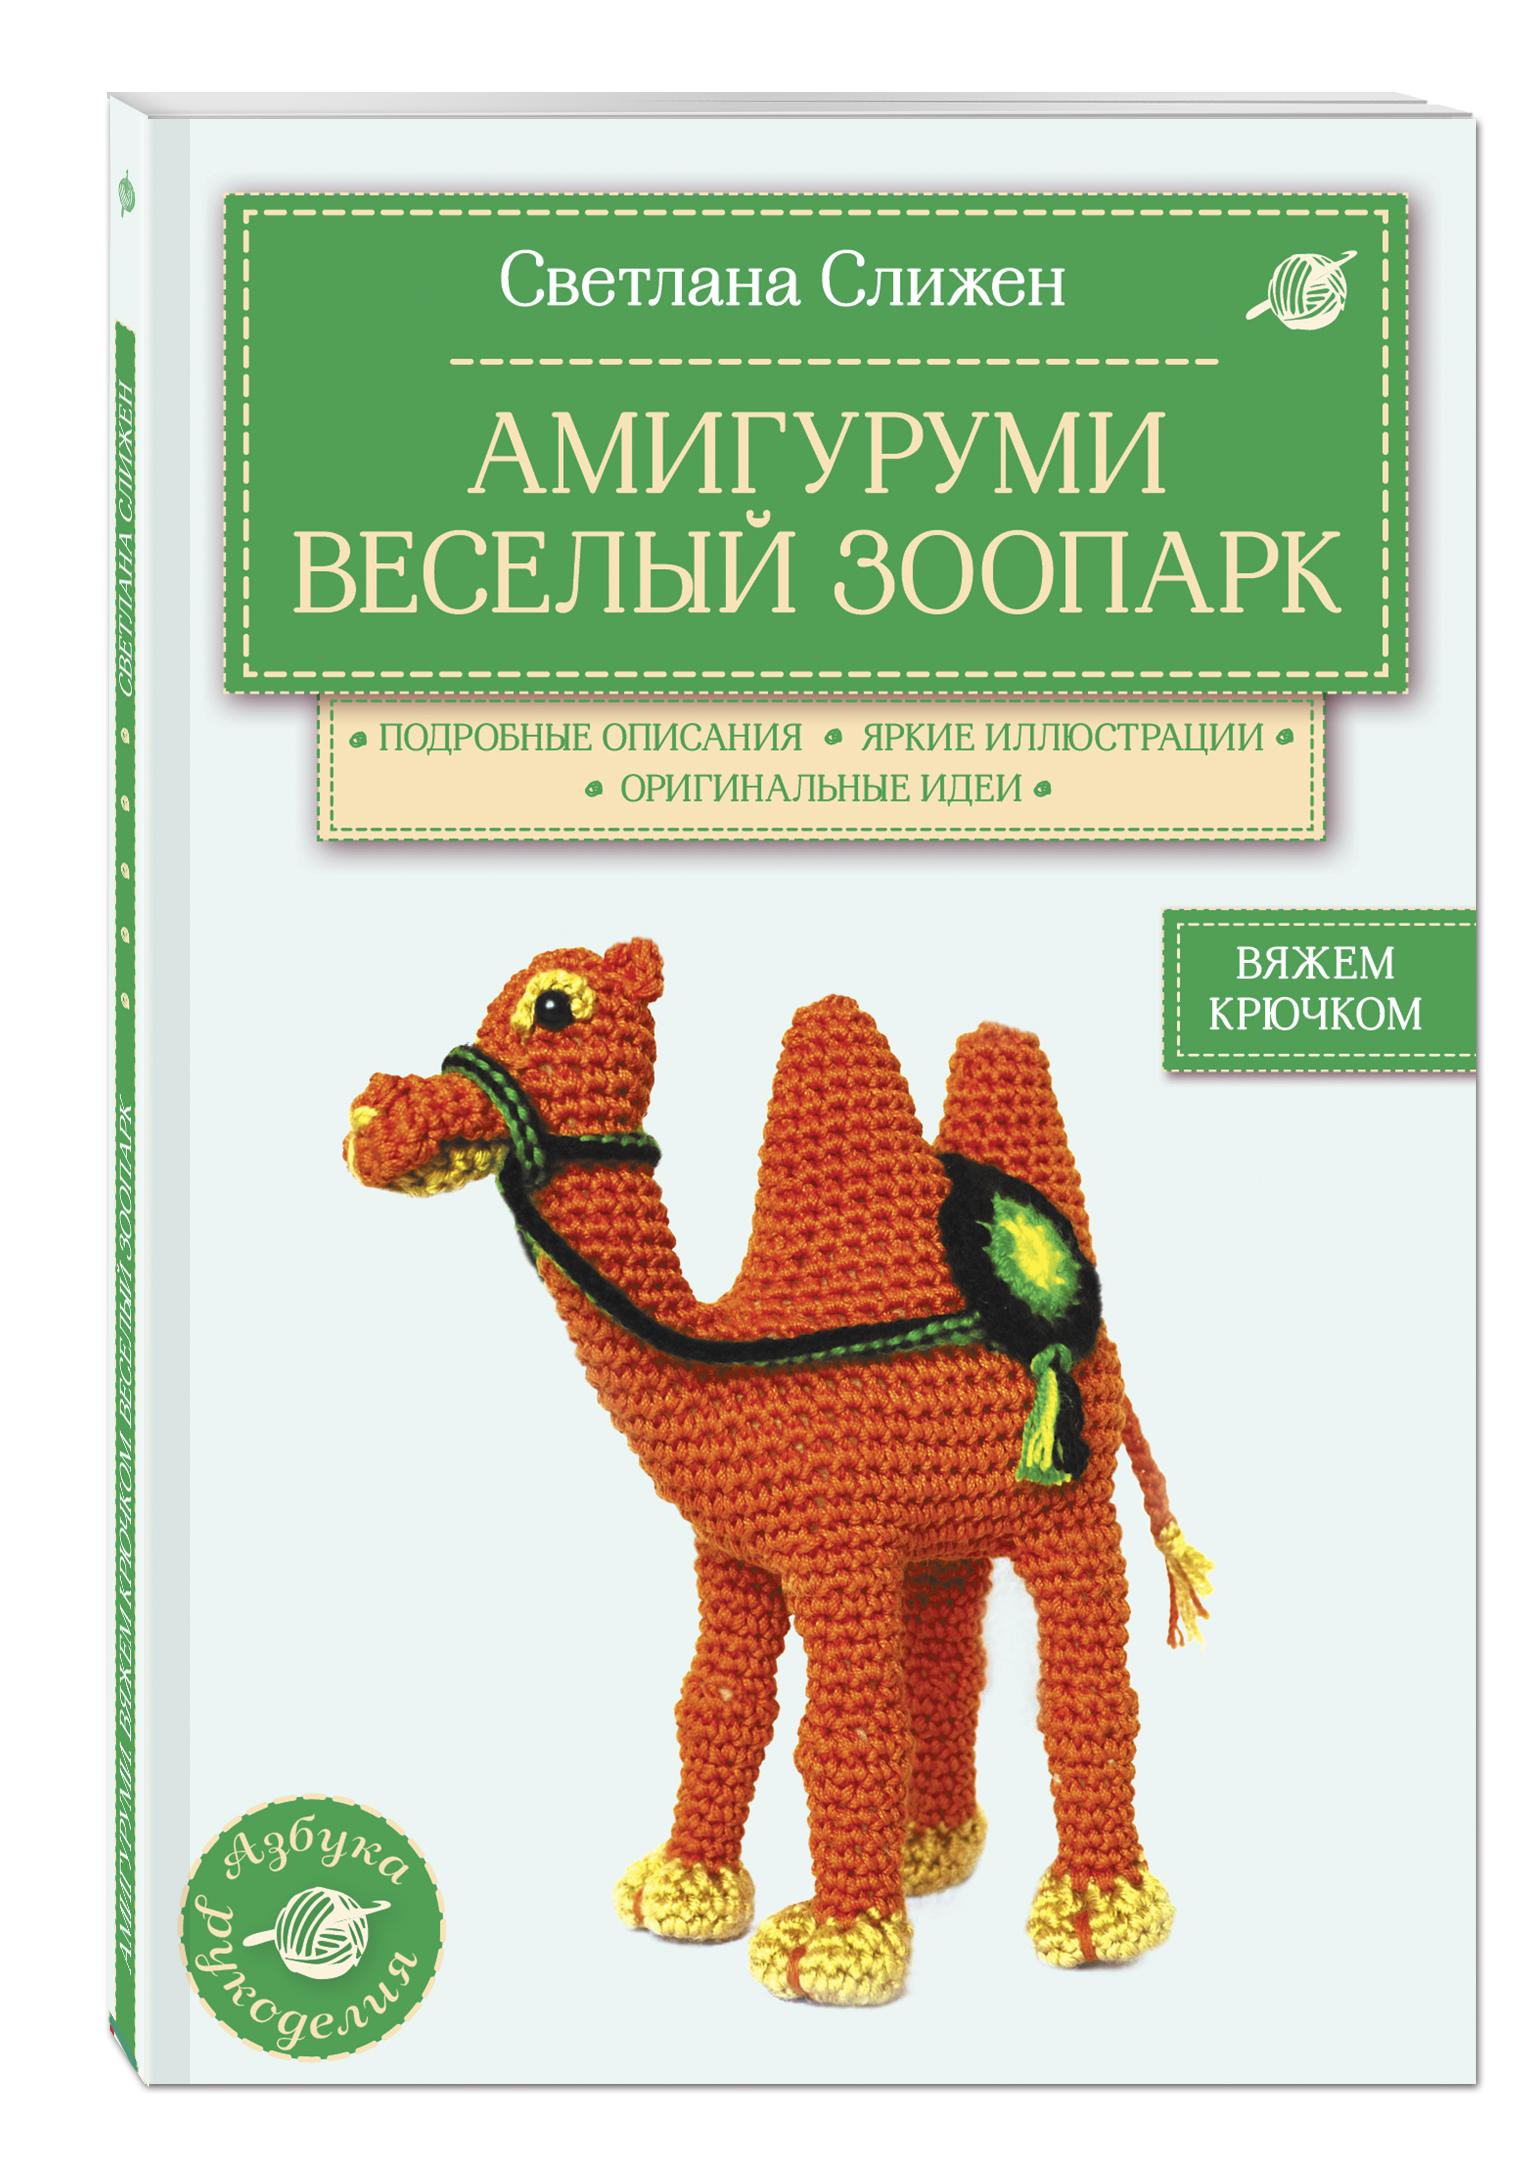 Светлана Слижен Амигуруми. Веселый зоопарк. Вяжем крючком римоли а милые зверушки амигуруми вяжем крючком